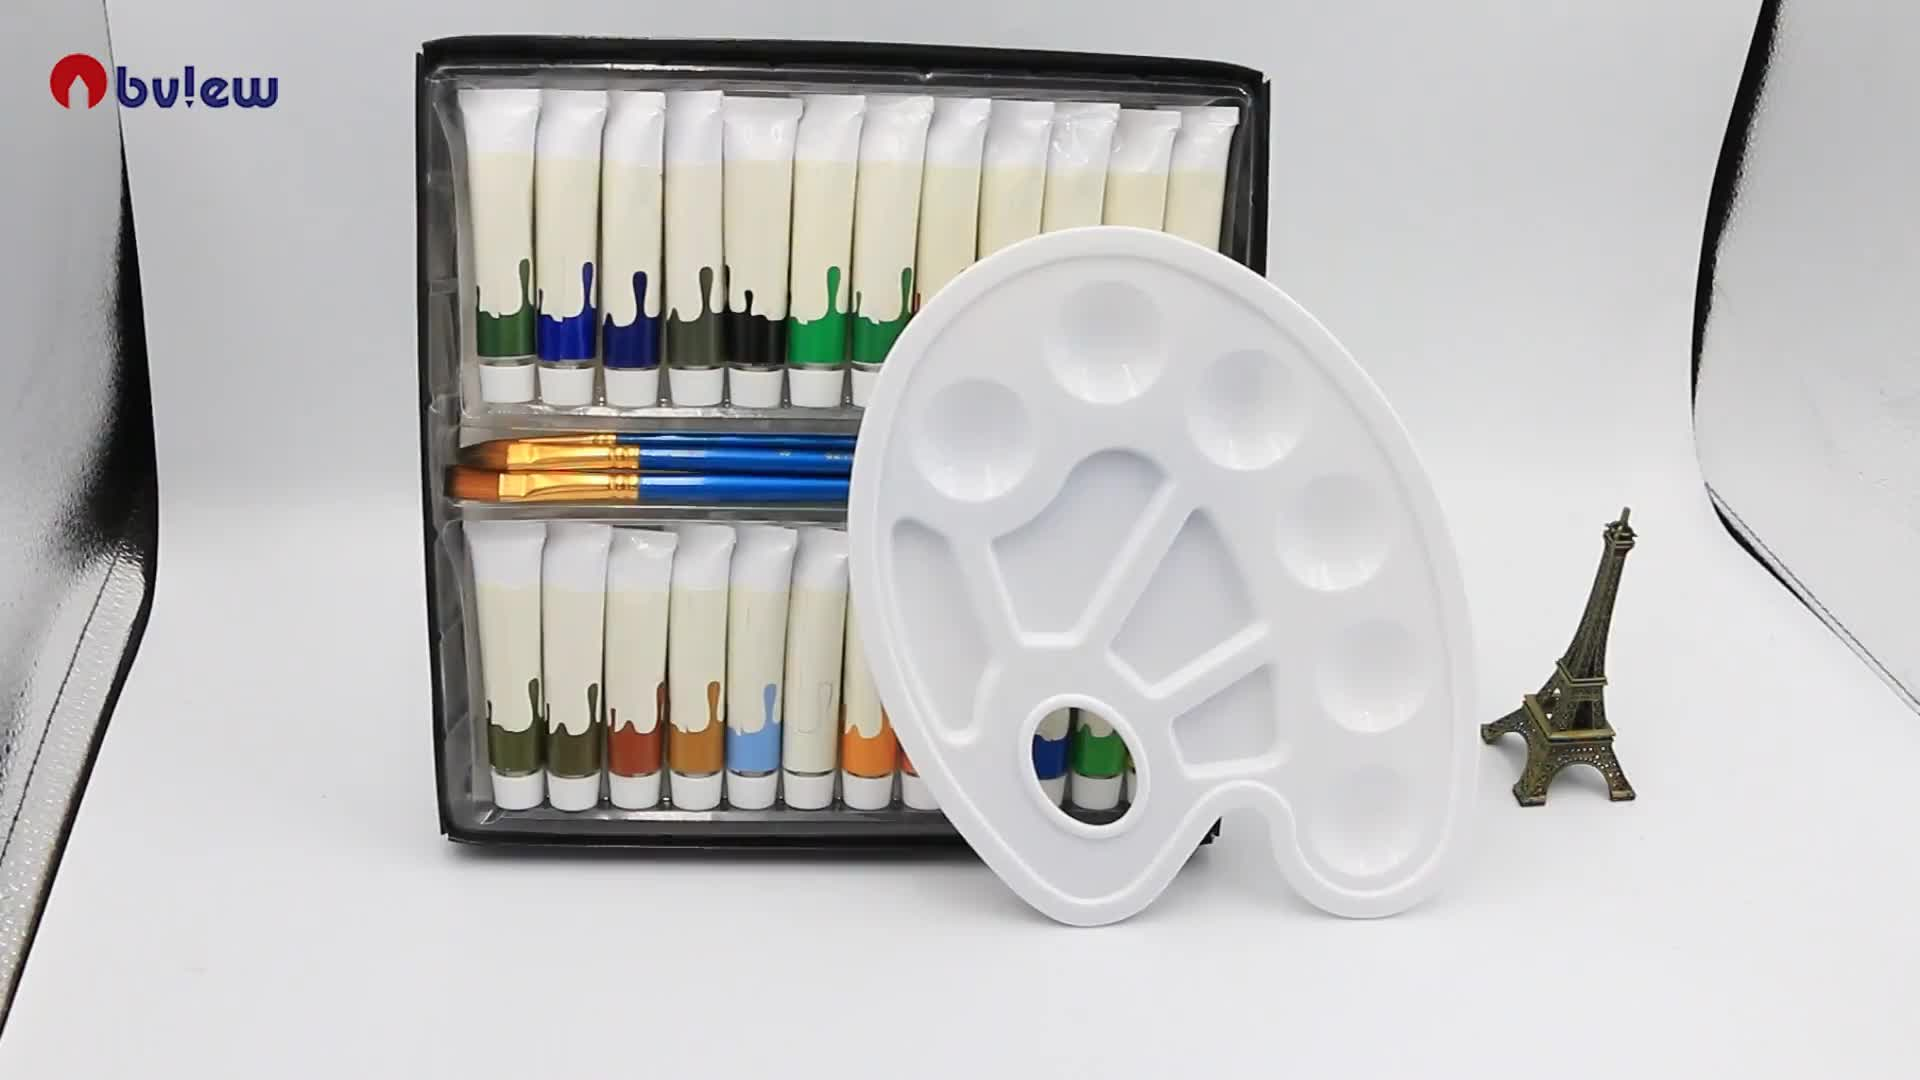 Premium kalite 24 renk akrilik boya ve sanatçı, öğrenciler, yeni başlayanlar için 3 adet boya fırçaları